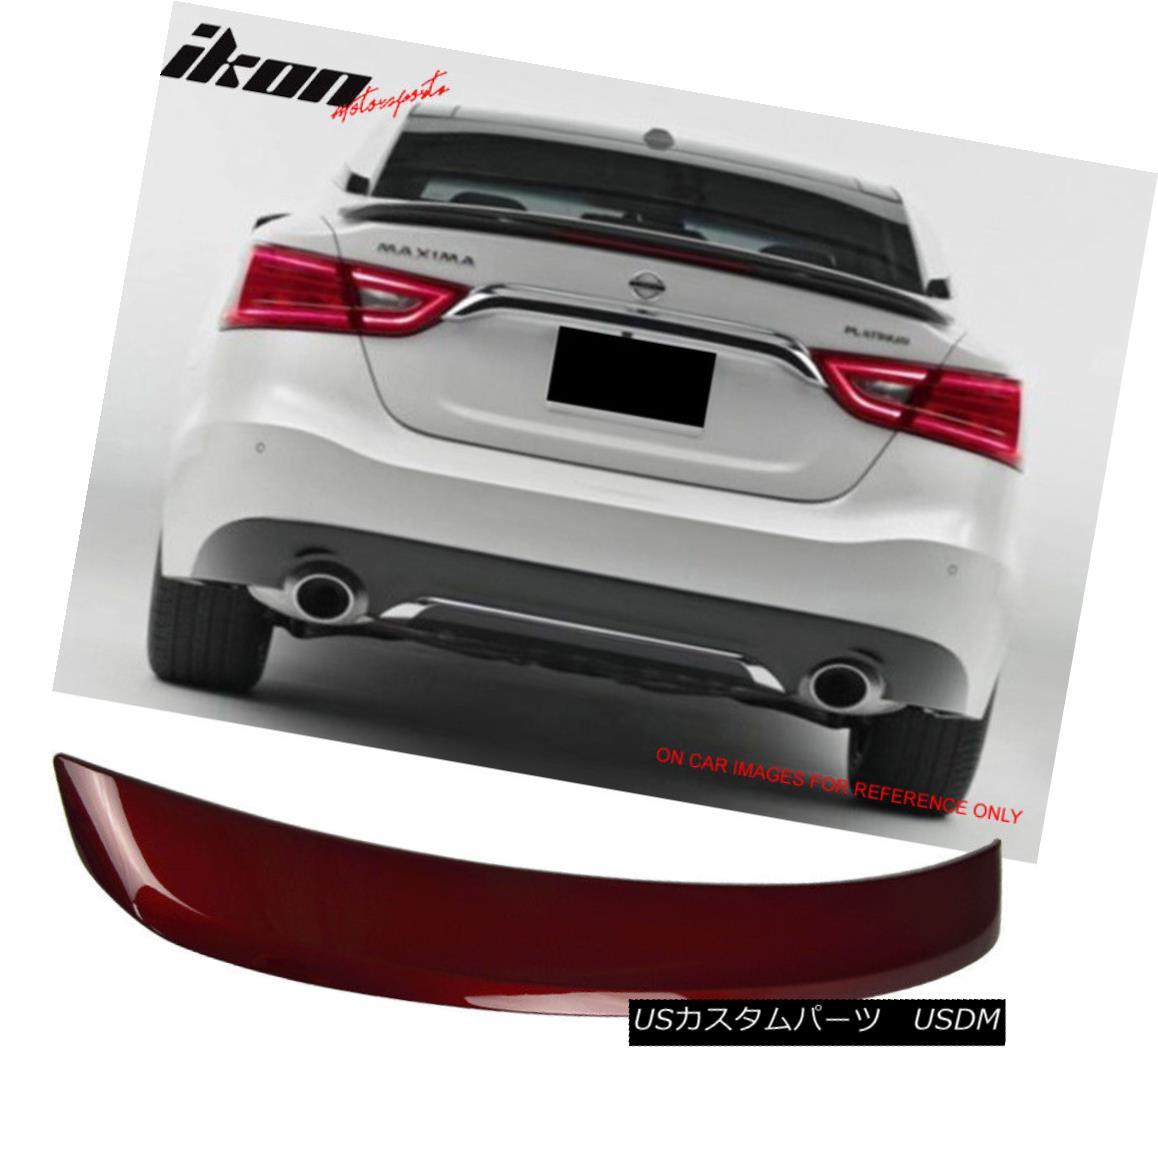 エアロパーツ Fits 16-18 Nissan Maxima A36 OE2 Trunk Spoiler Painted Coulis Red #NAW フィット16-18日産マキシマA36 OE2トランクスポイラー塗装クールレッド#NAW